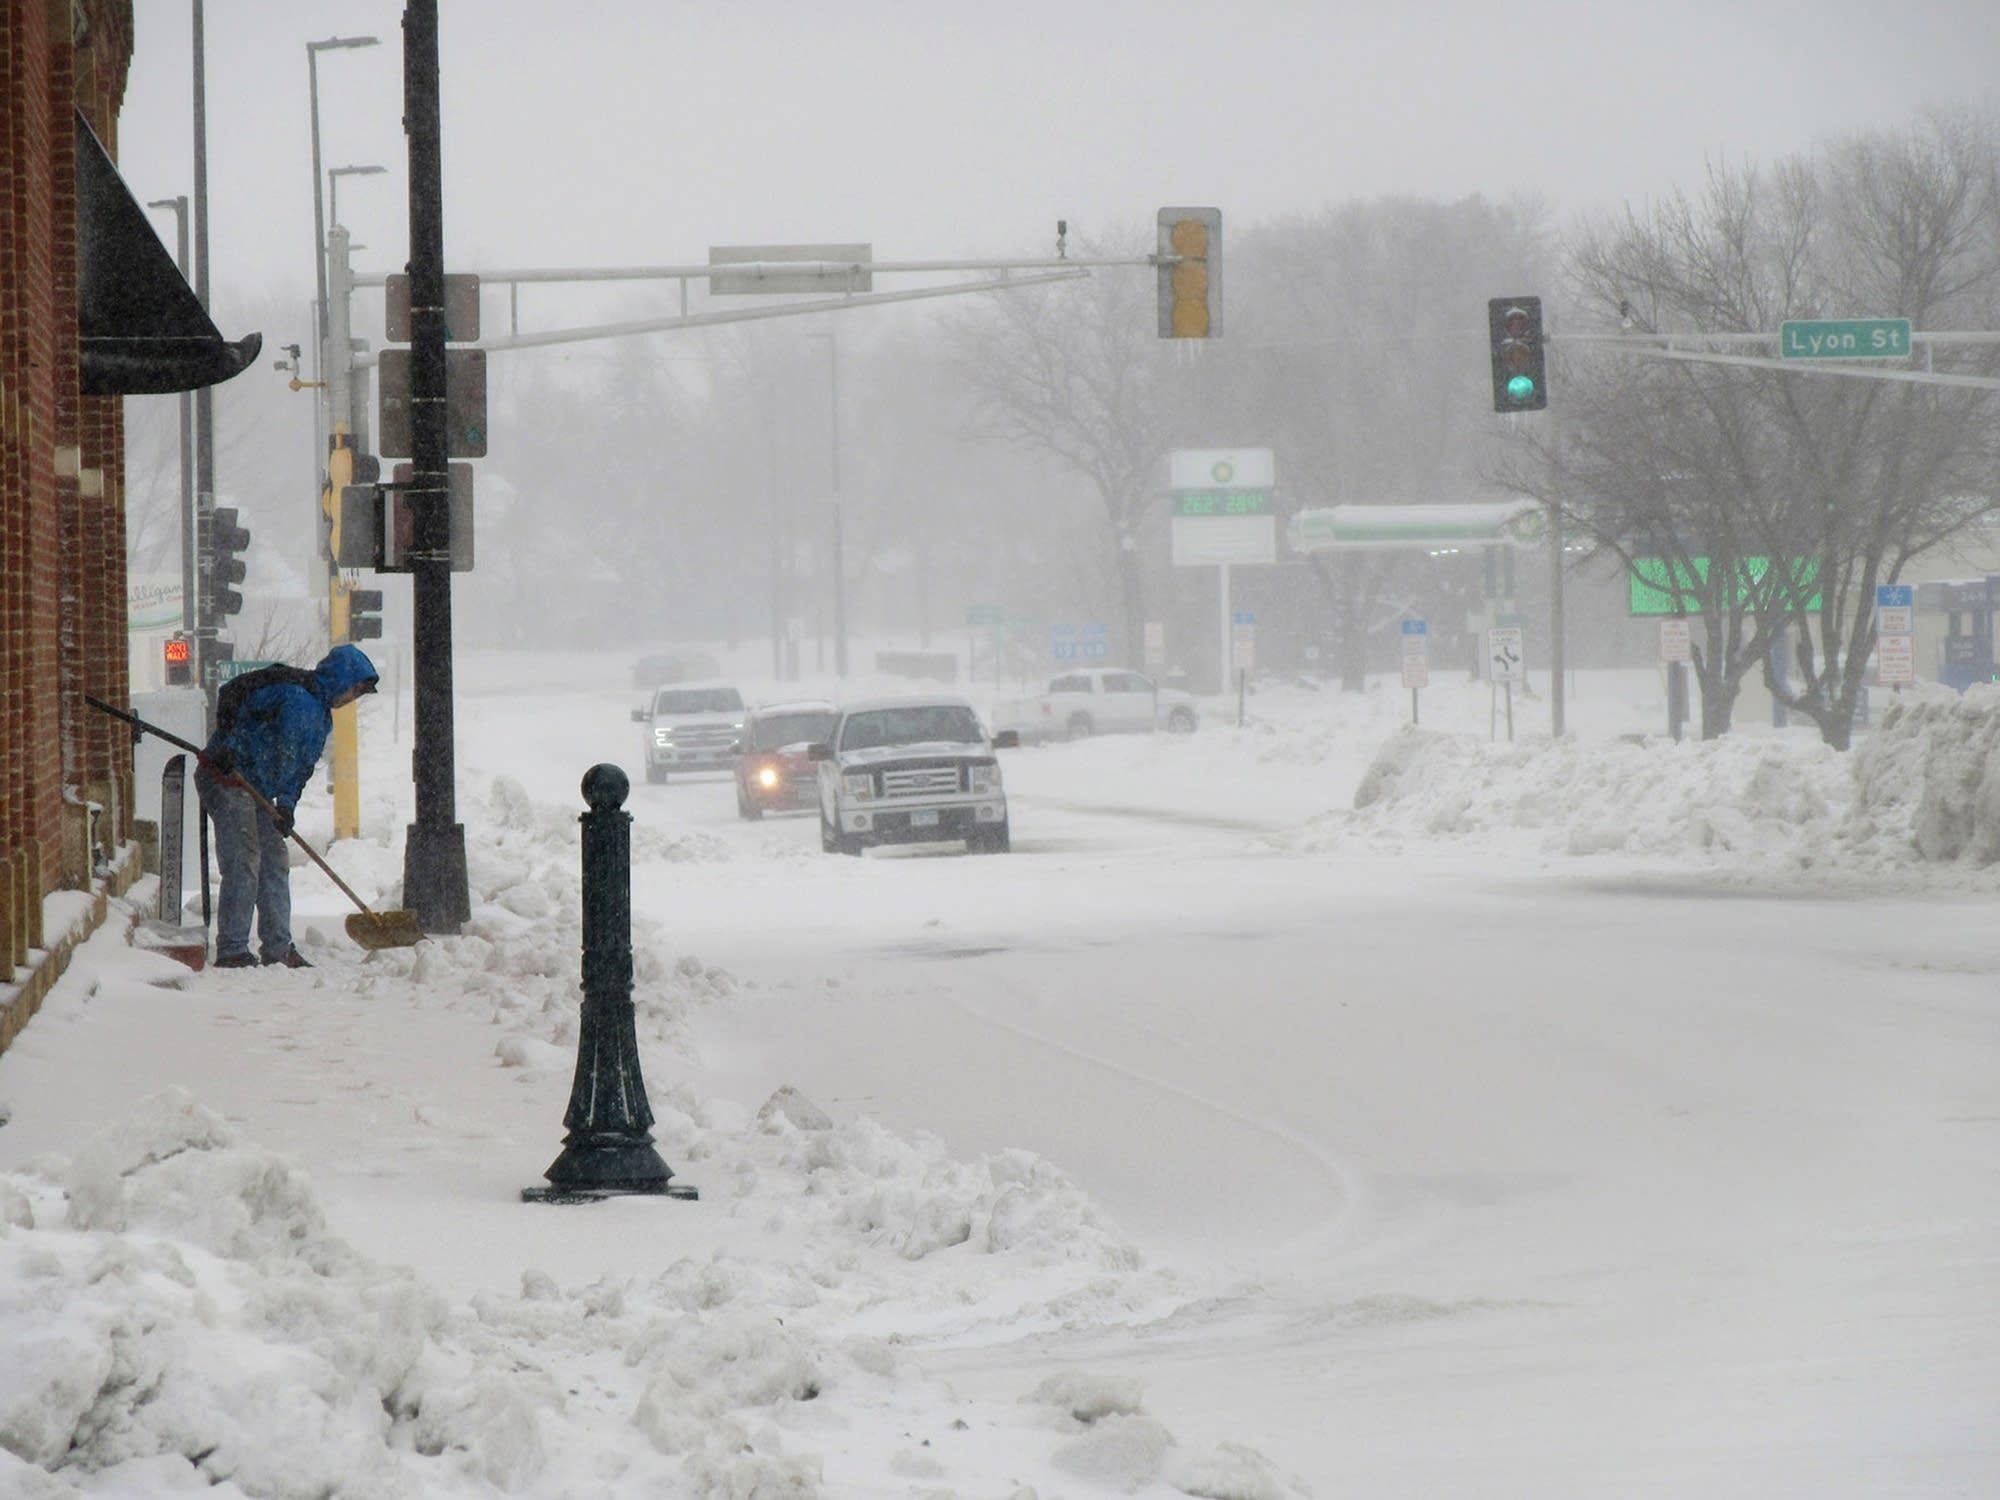 Main Street in downtown Marshall, Minn. was a snowy sight Thursday.